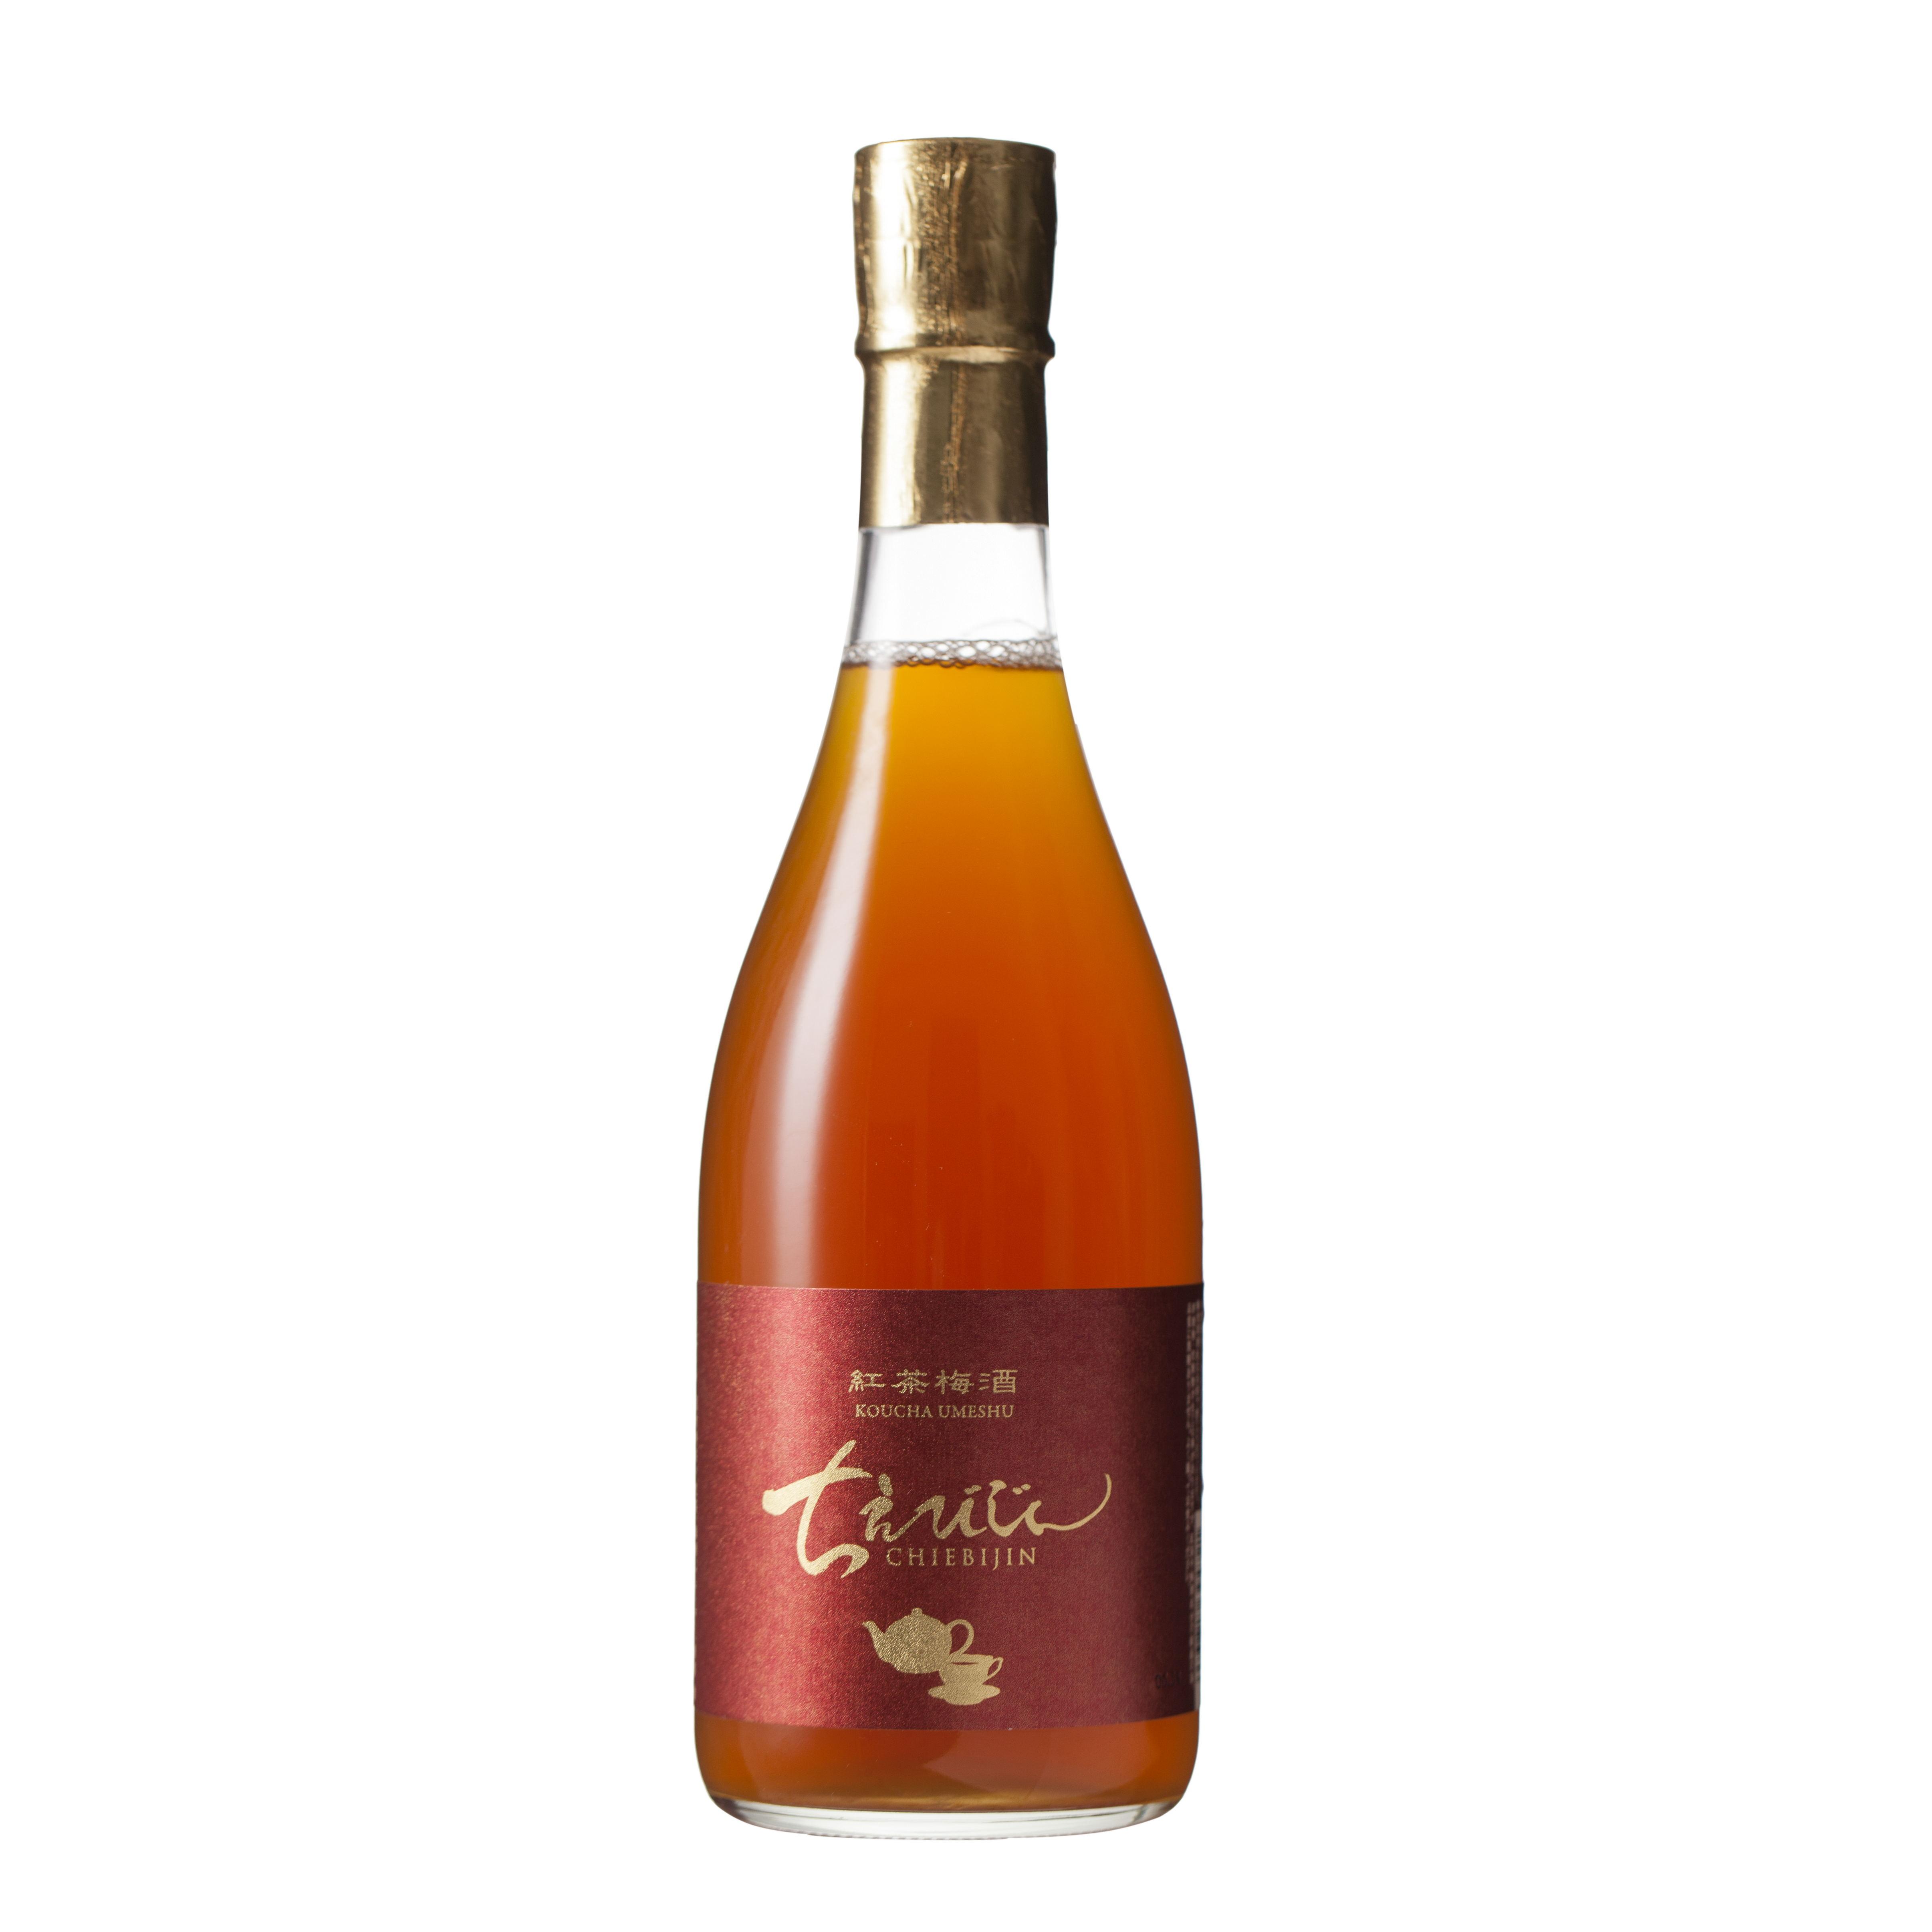 女士甜酒 配制酒 女士甜酒 红茶梅酒 获奖梅子酒 日本进口知惠美人